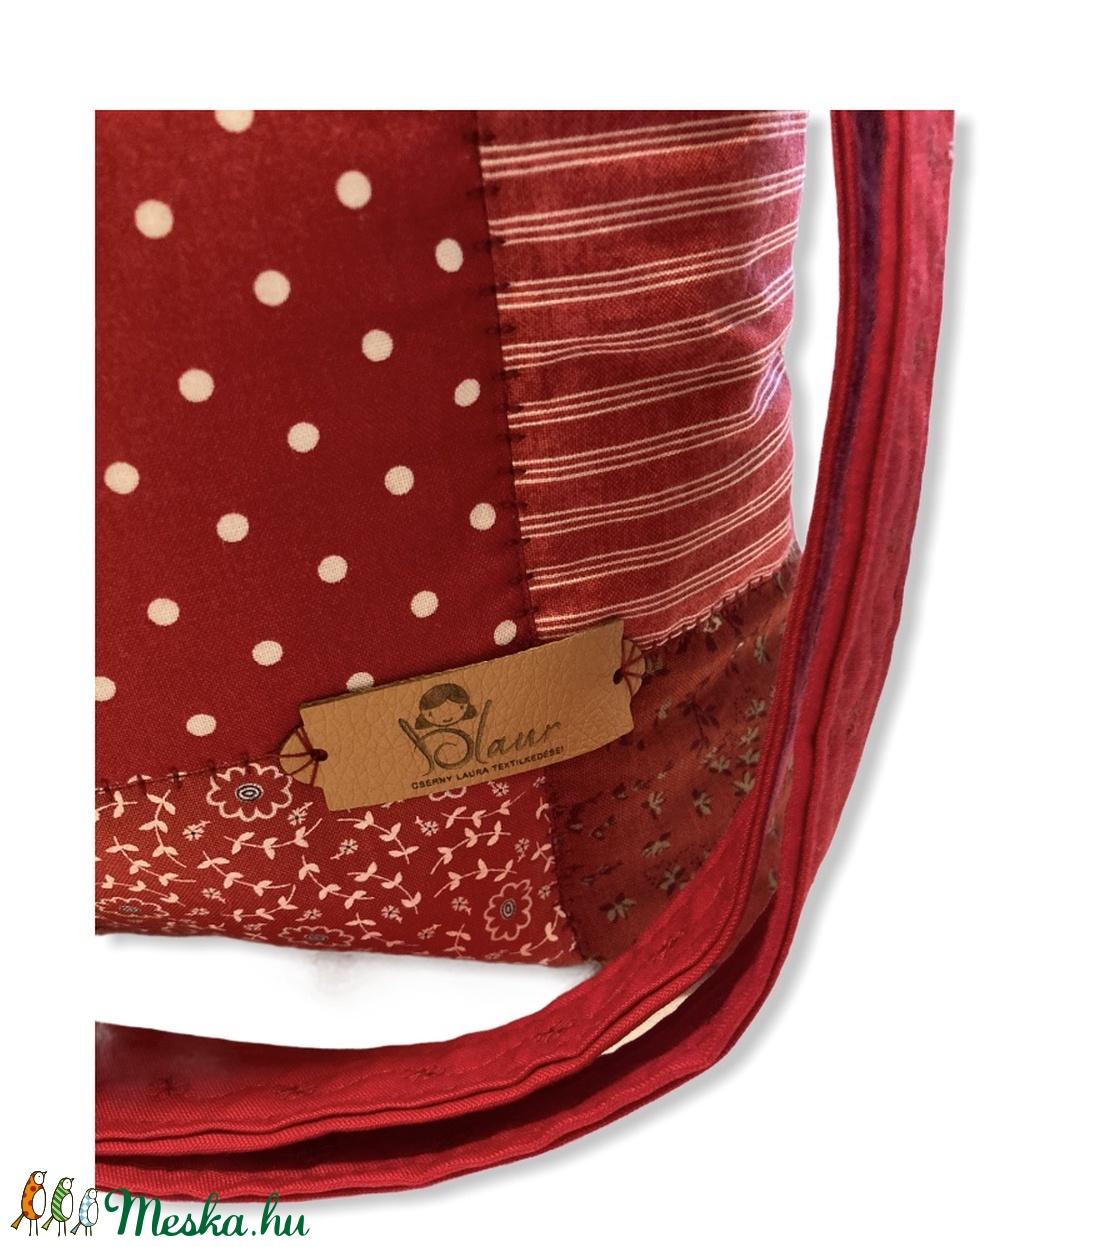 Piros/ bordó virágos patchwork válltáska / kézitáska - táska & tok - kézitáska & válltáska - vállon átvethető táska - Meska.hu